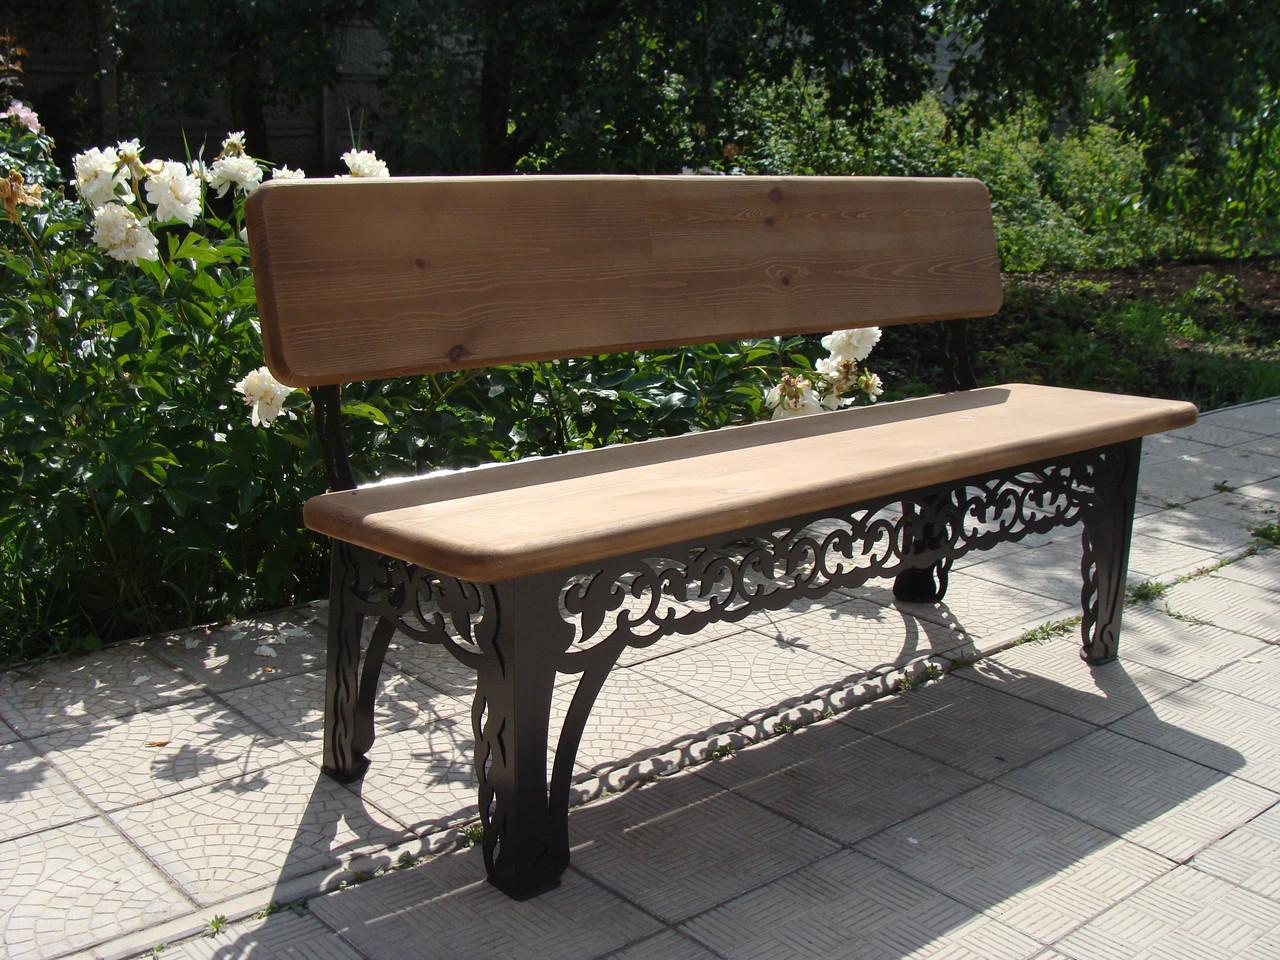 Лавочка садовая декоративная, из дуба, 200см, цвет черный/коричневый